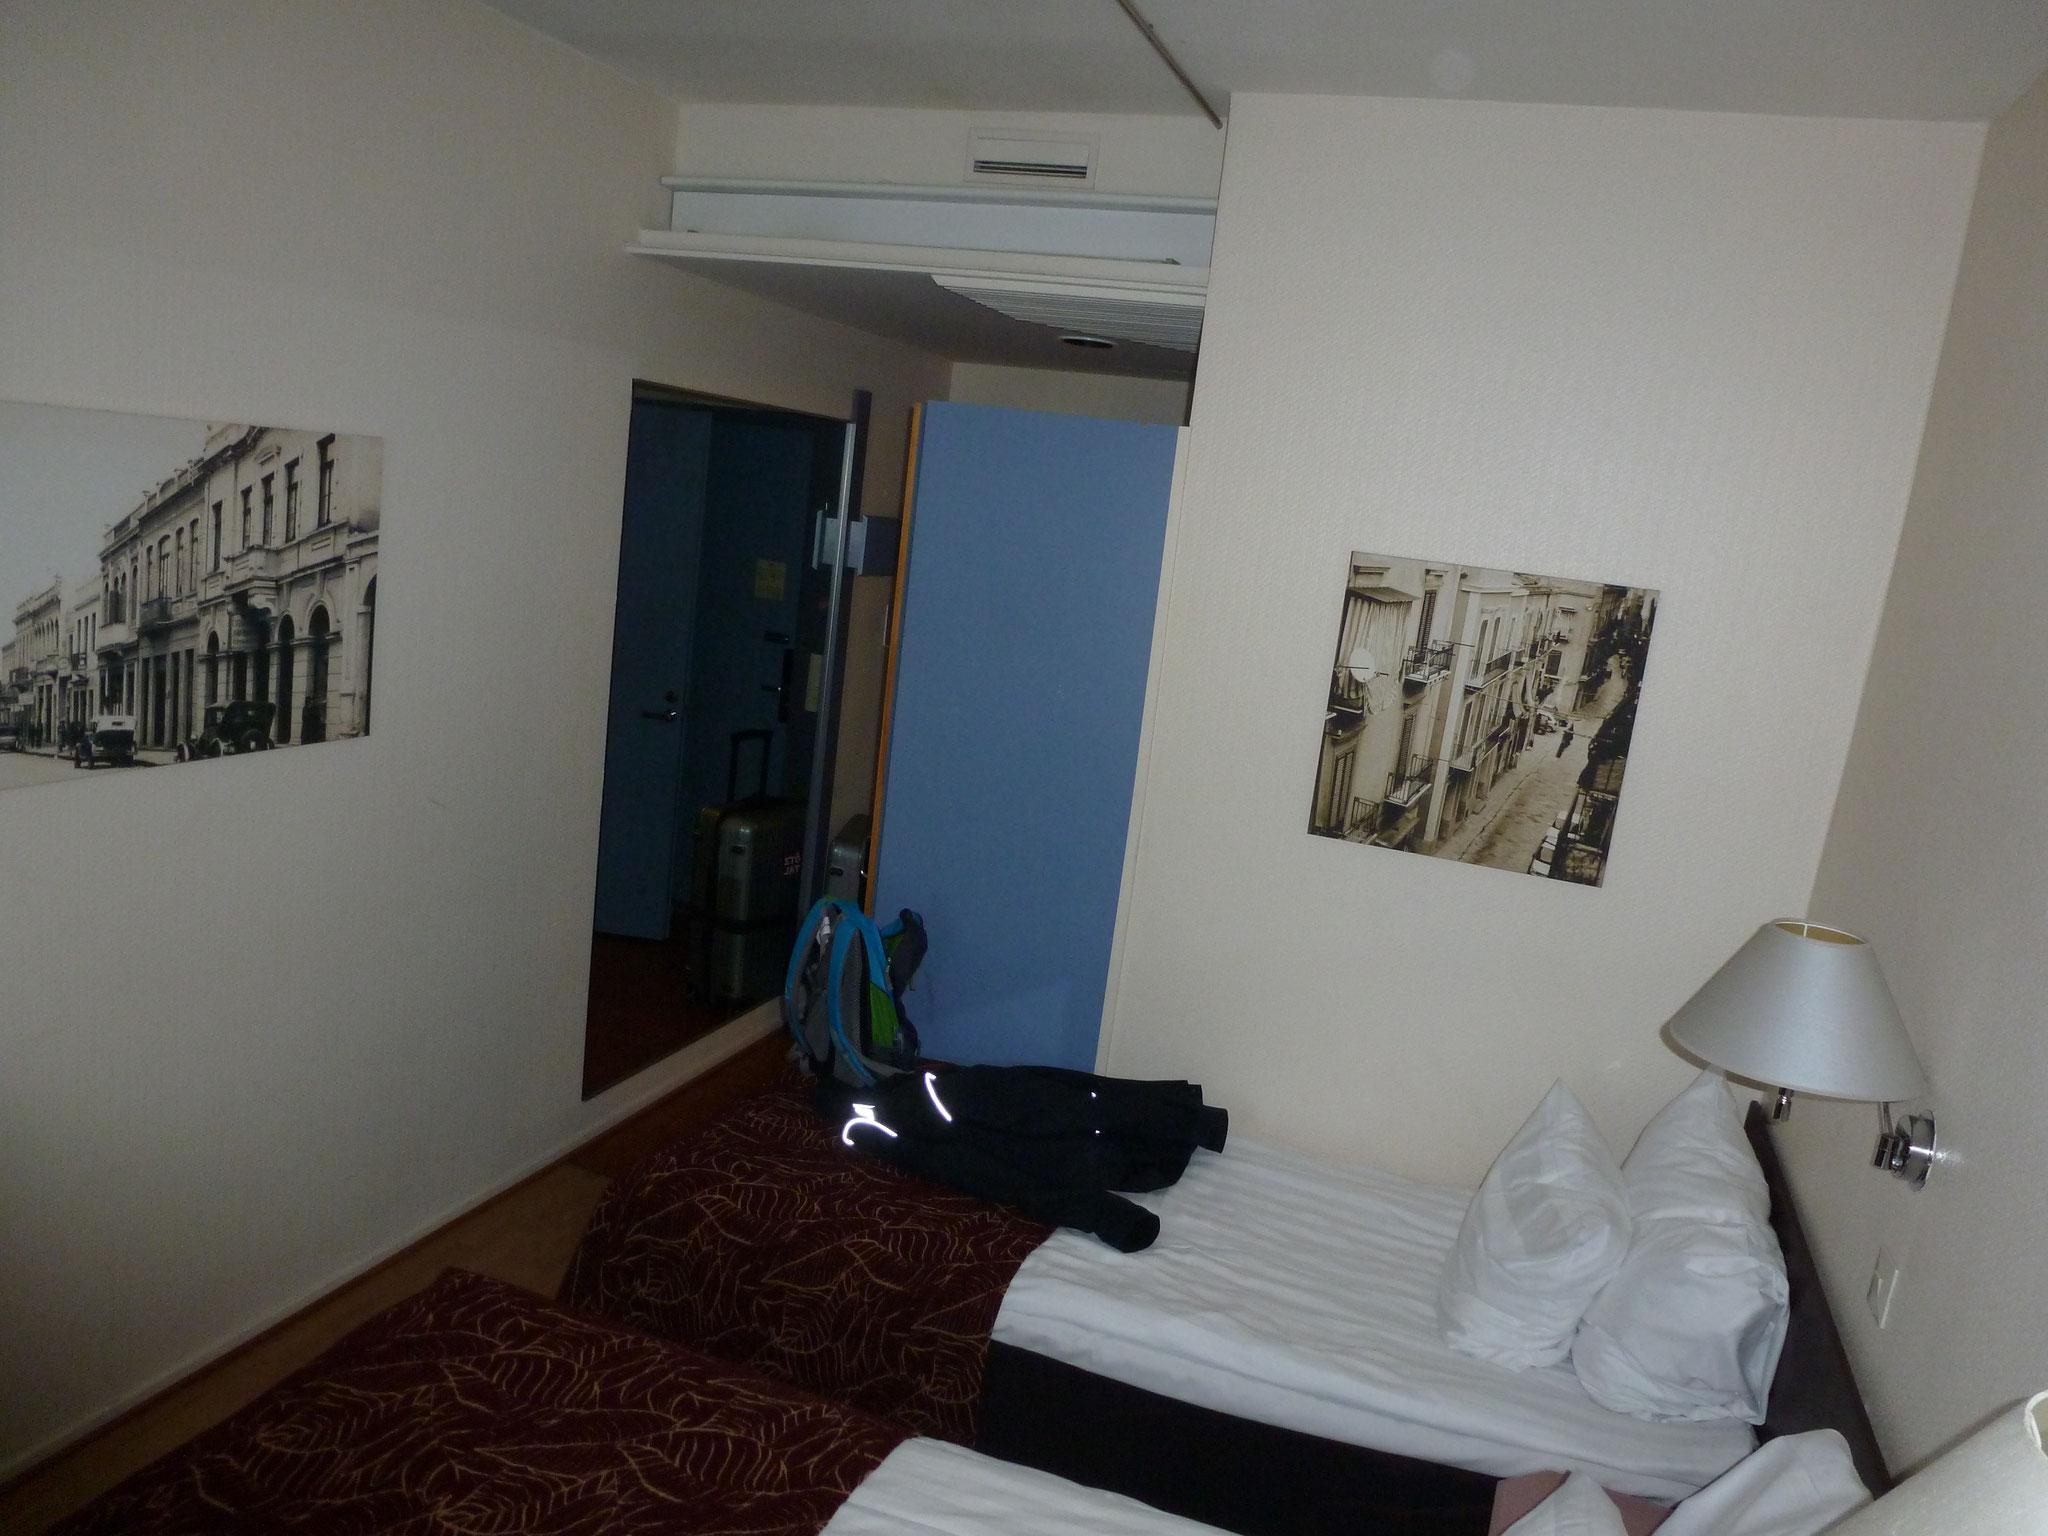 Die Hotelzimmer waren vielleicht etwas eng...